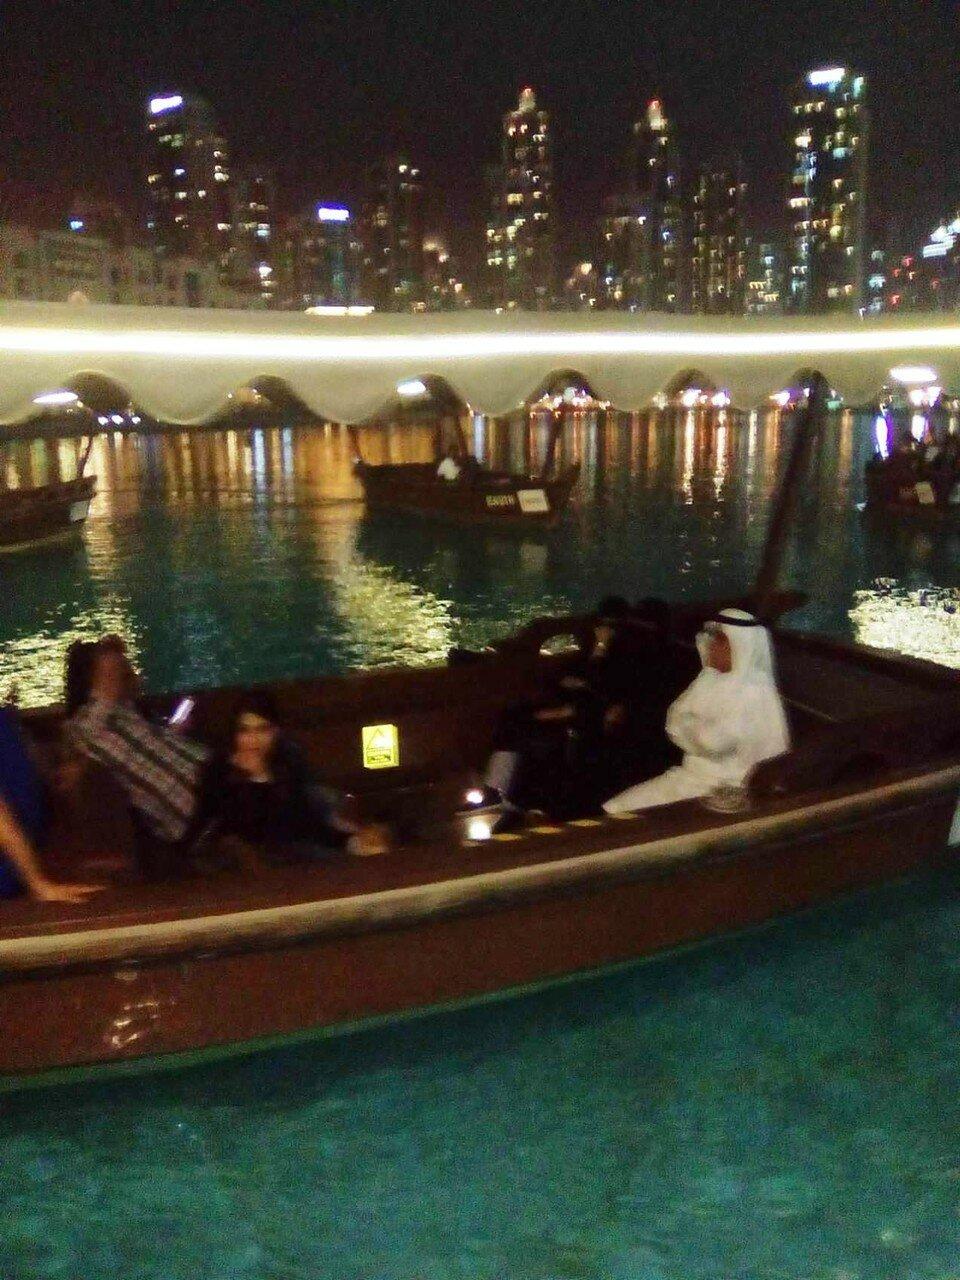 Привет из Дубаи. Ноябрь 2016.  004. Фотографии В. Лана.jpg